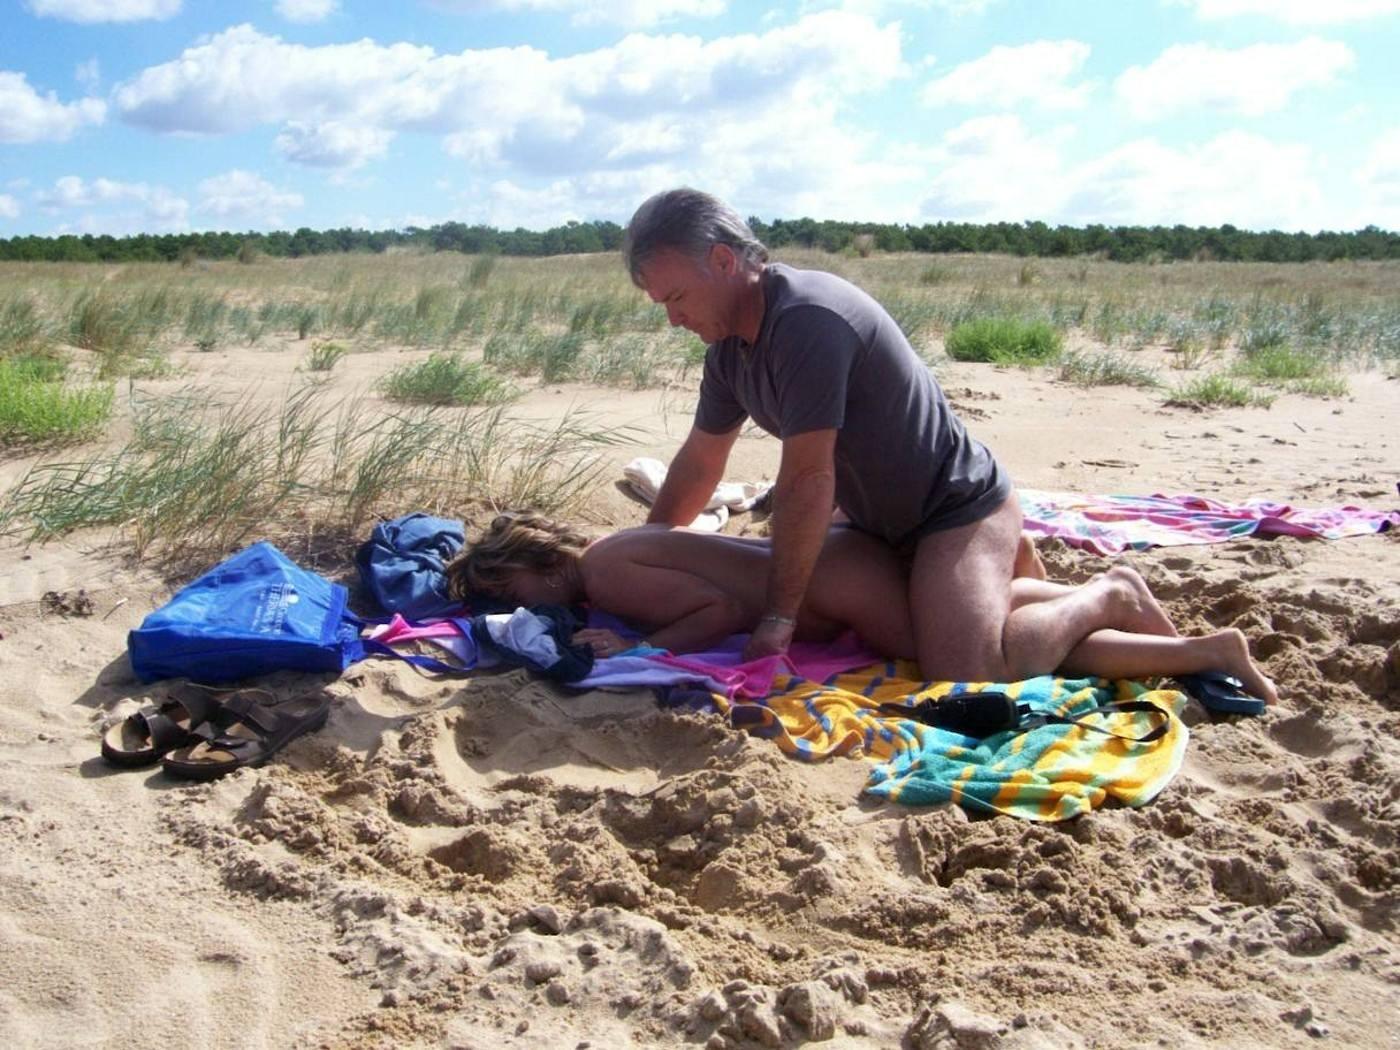 周りの目とか関係なくビーチで青姦野外セックスしちゃってる外人達の素人エロ画像 4101